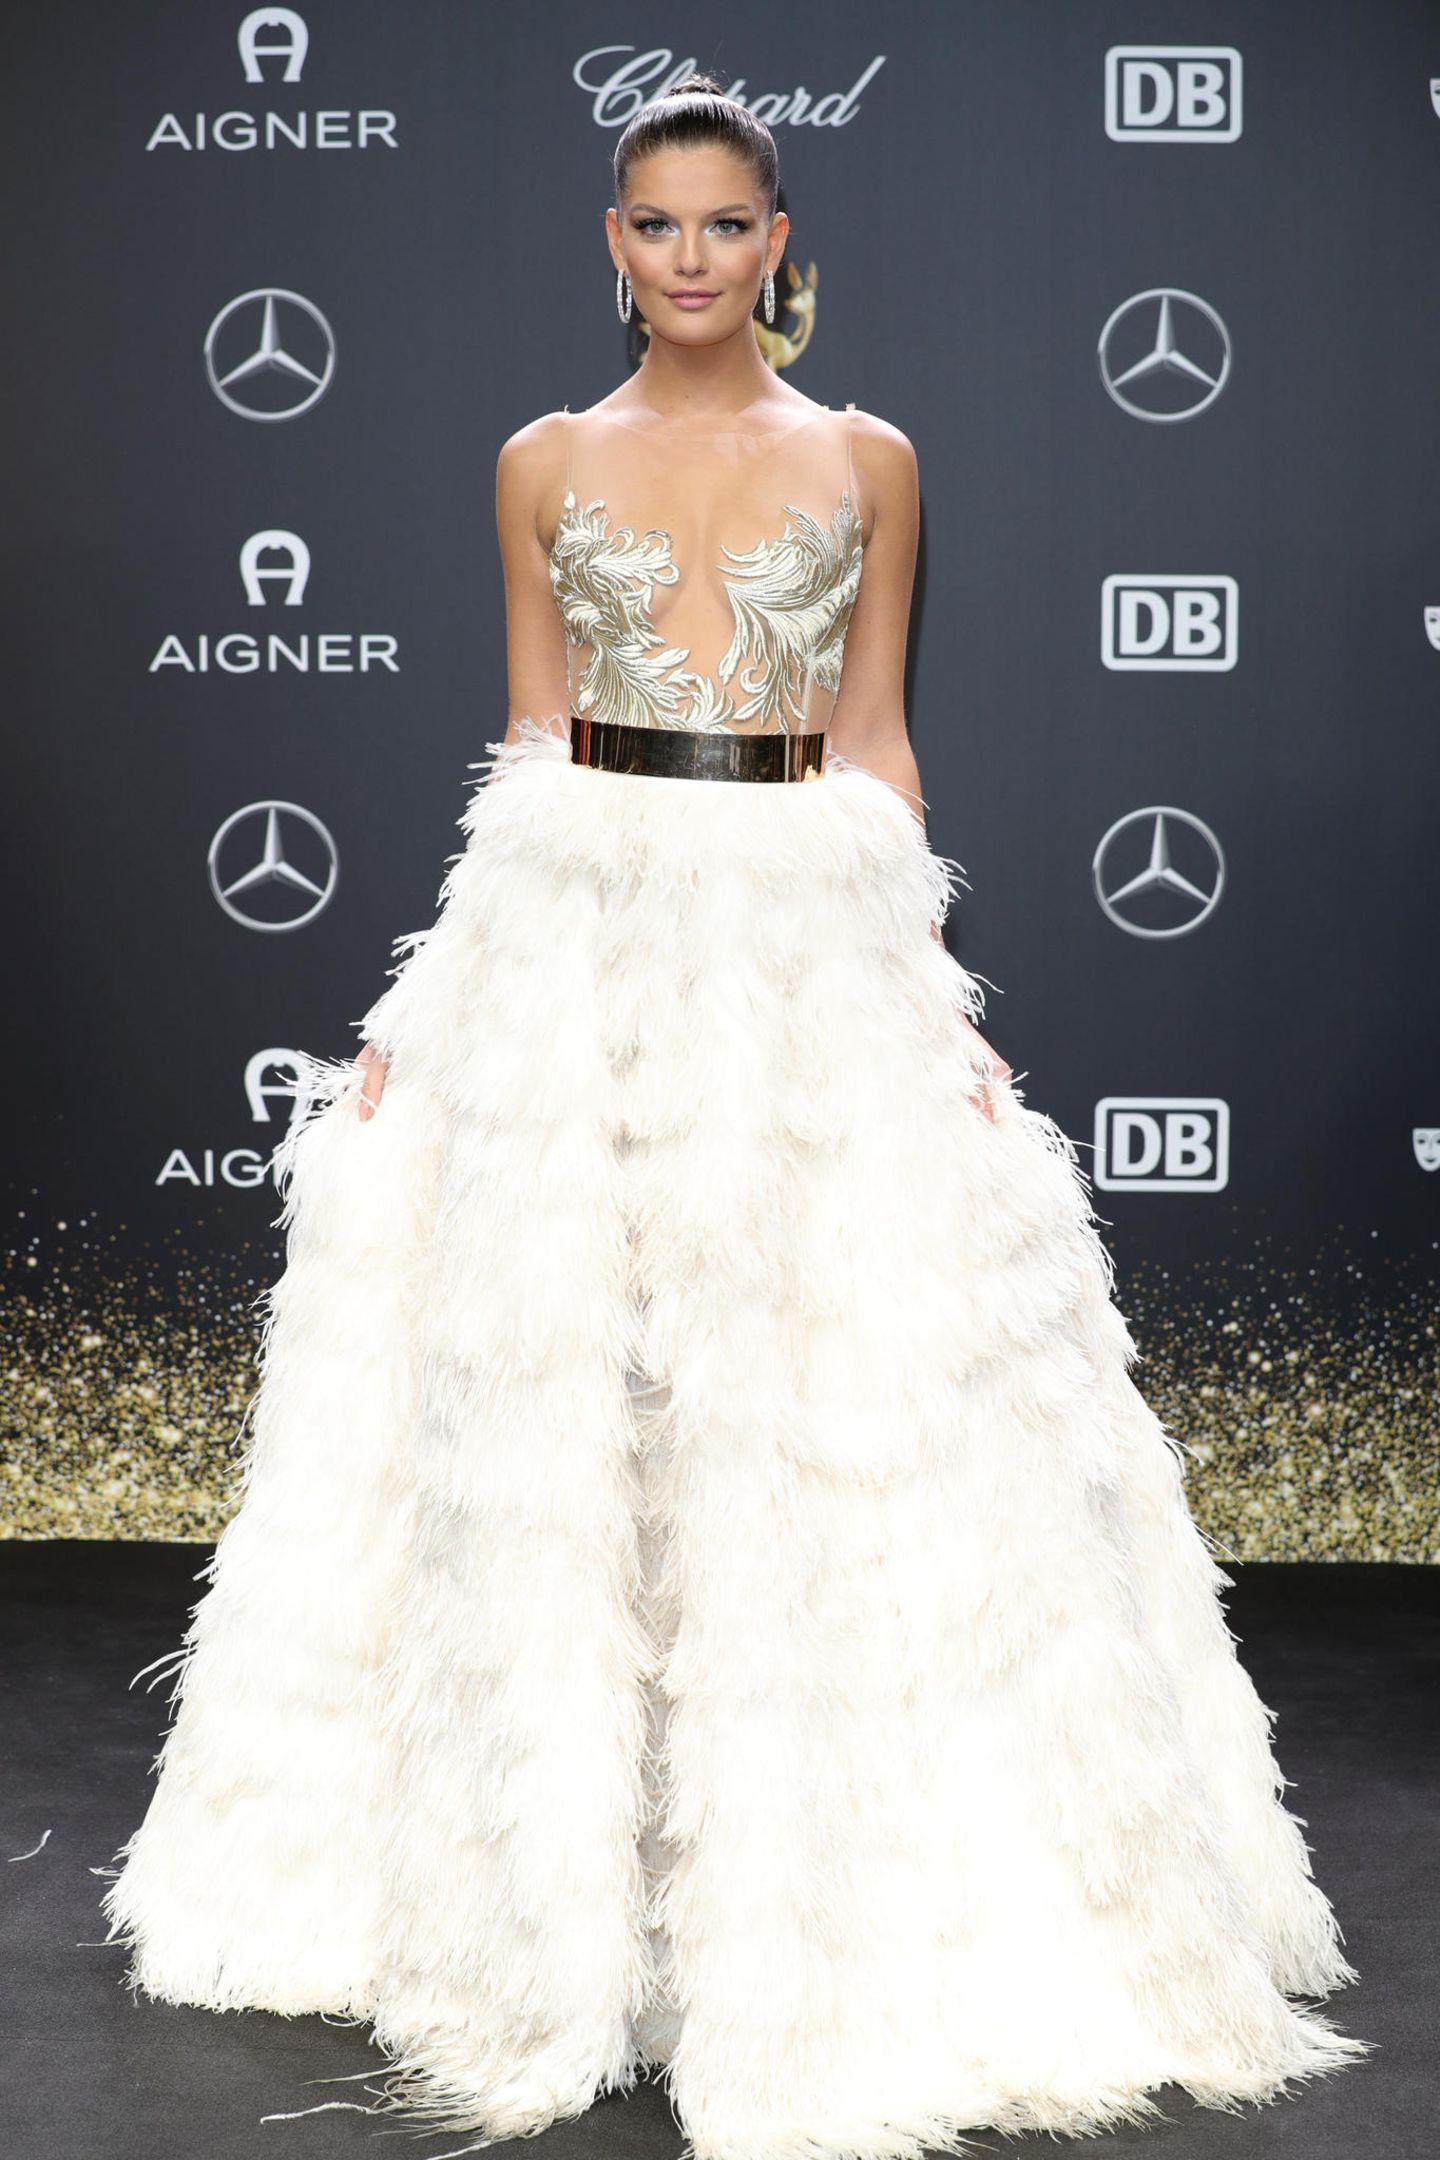 Als Vanessa Fuchs denroten Teppich betritt, kann keiner wegschauen. In ihrer Robe mit ausladendem Federrock könnte sie glatt auch zu den Oscars gehen. Das nennen wir mal filmreif!